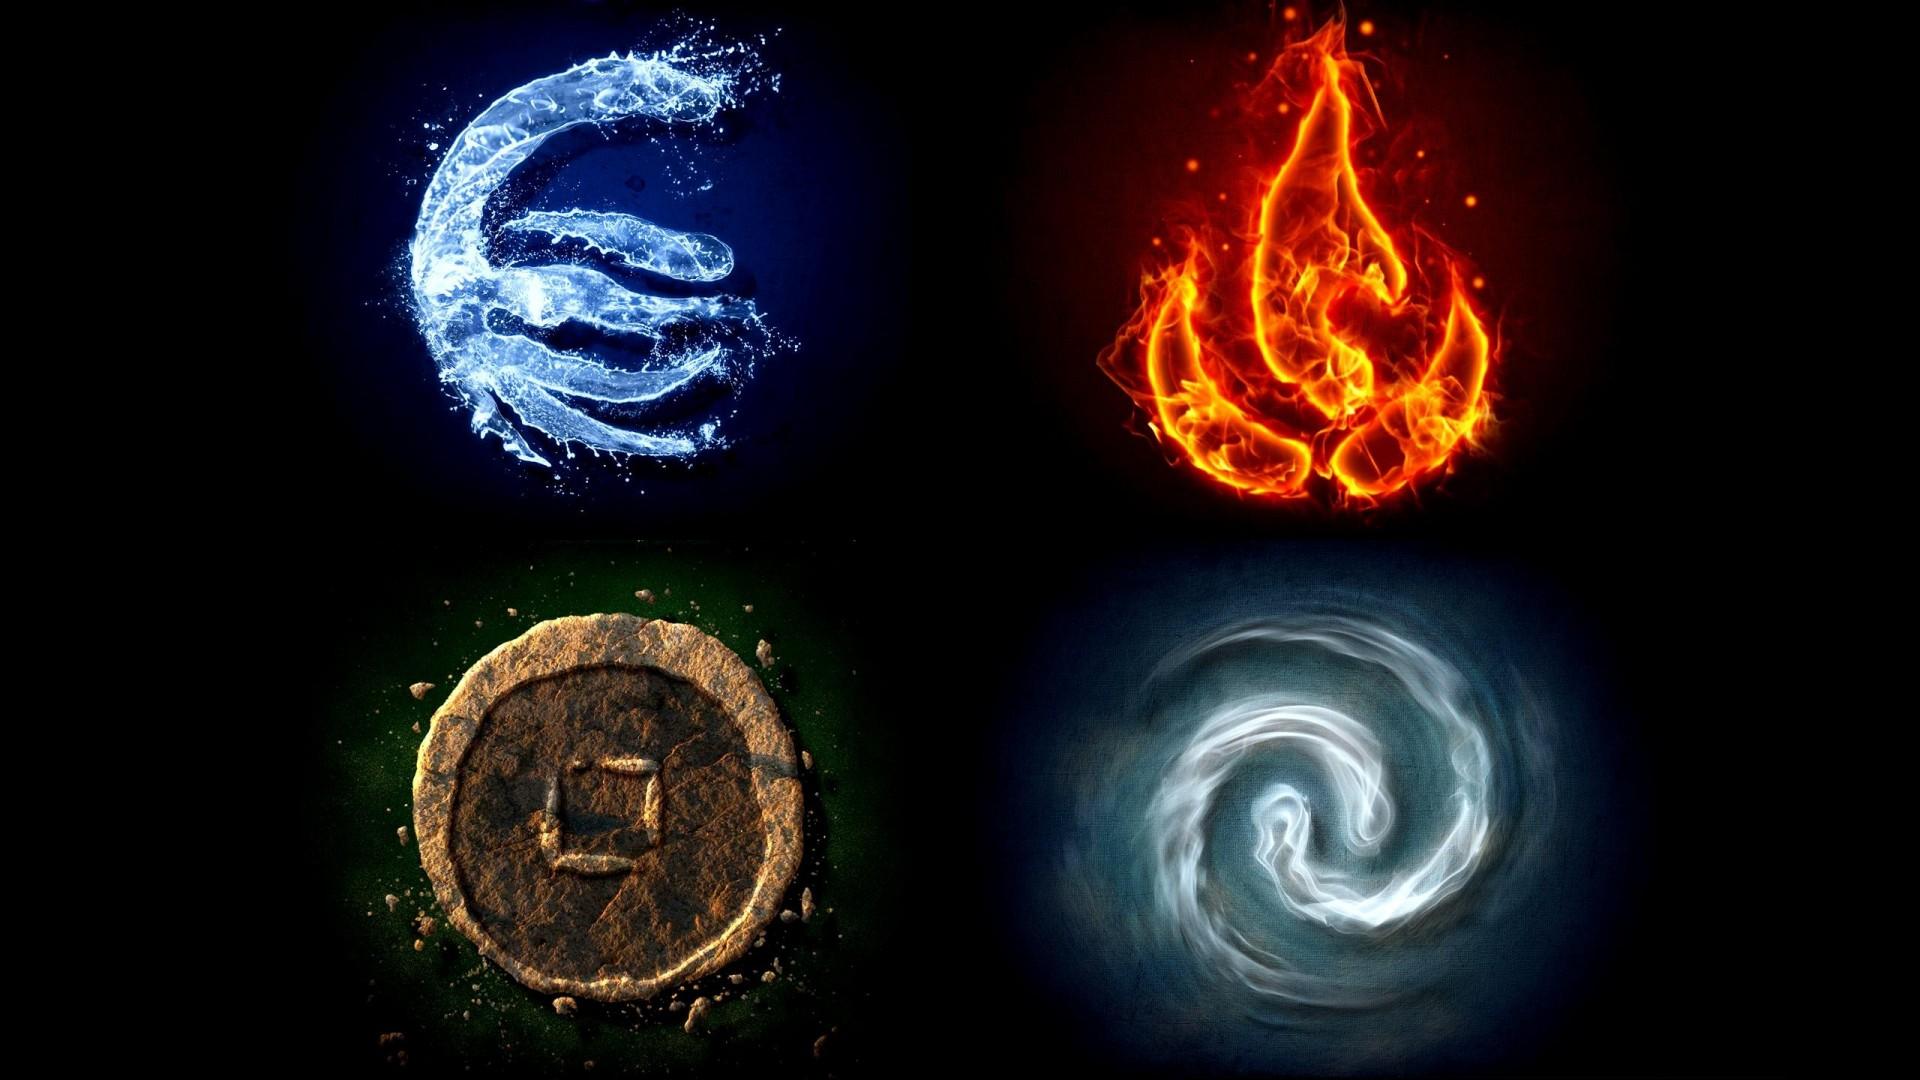 В её основу легла теория эмпедокла о четырех элементах (стихий): огне, земле, воде и воздухе.